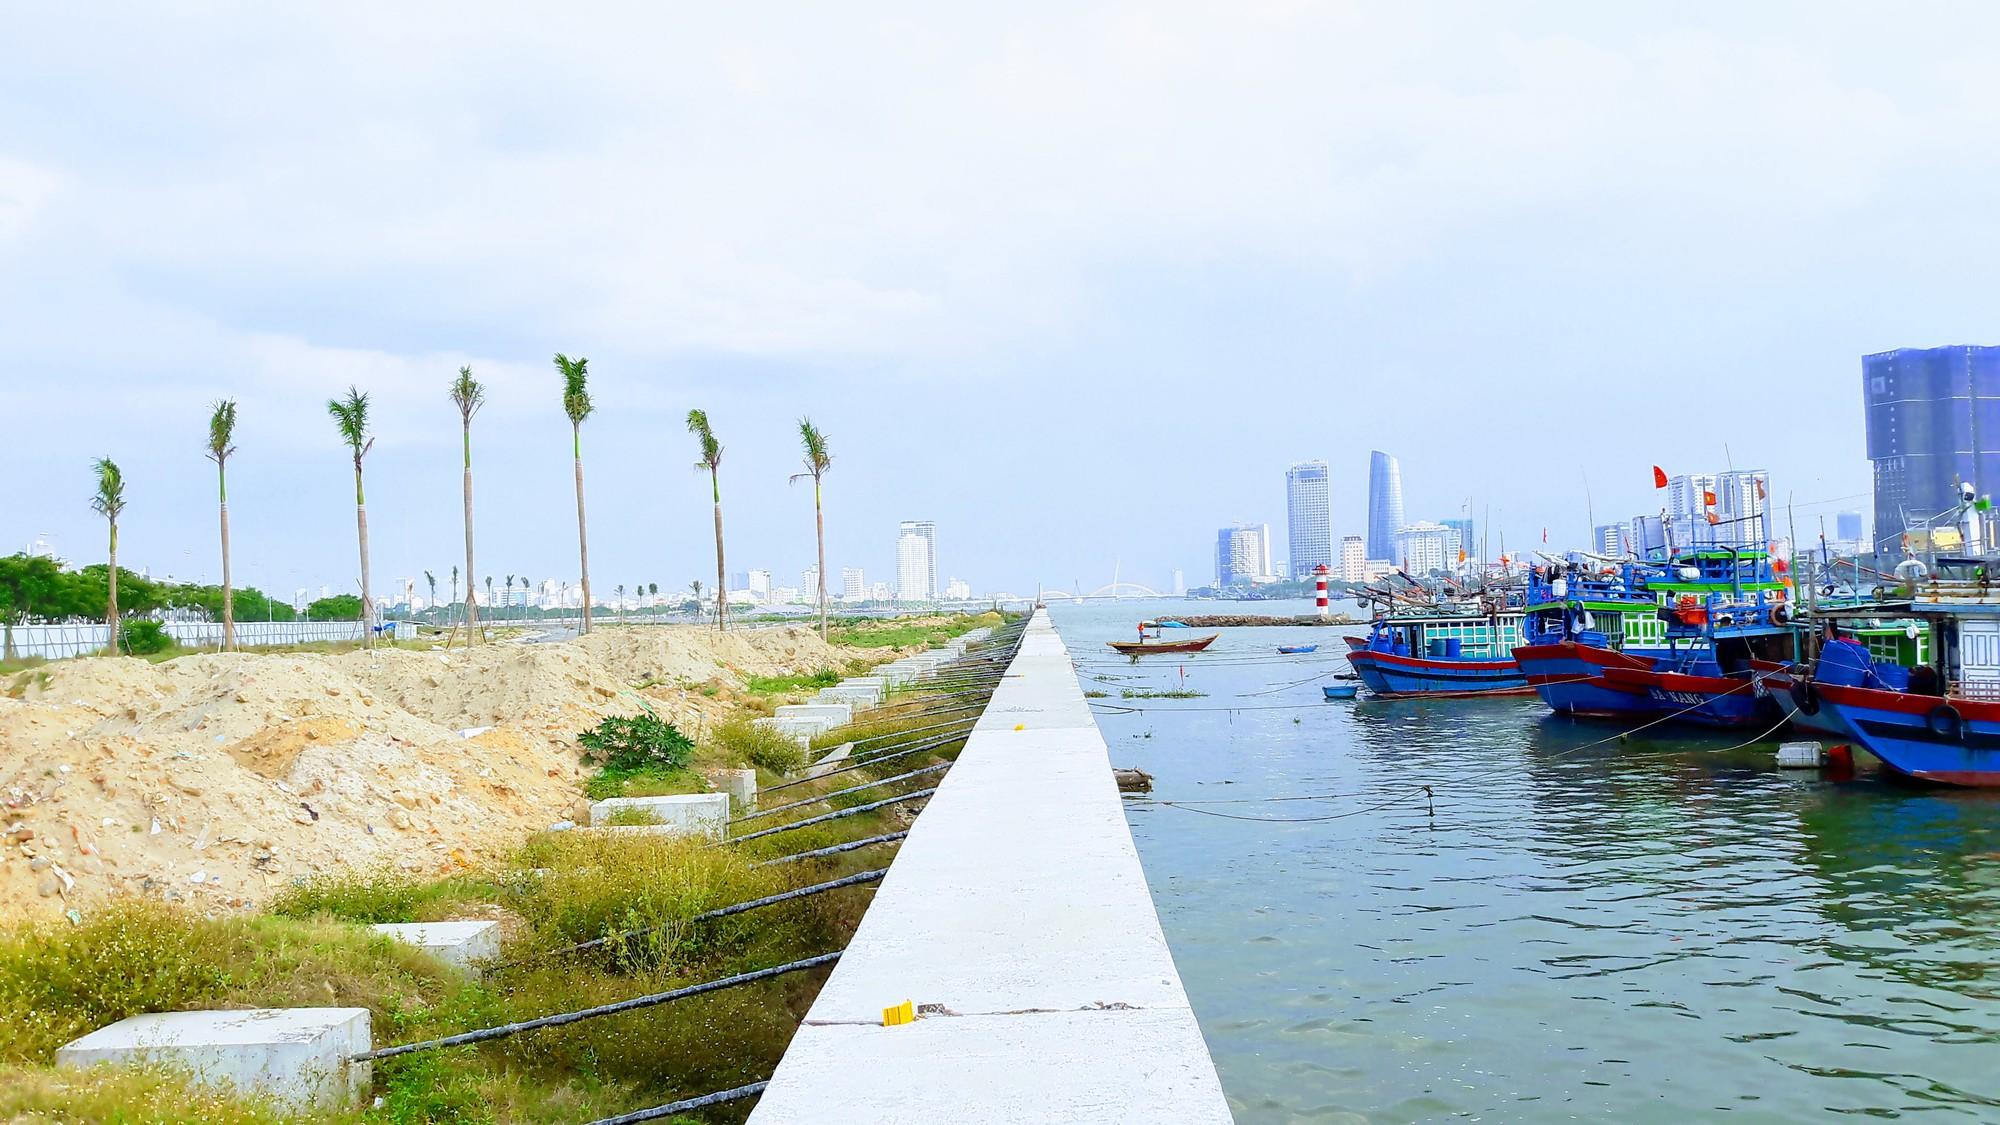 Chủ đầu tư hai dự án bất động sản lấn sông Hàn thống nhất dành khu ven sông làm công viên, lối đi bộ - Ảnh 2.